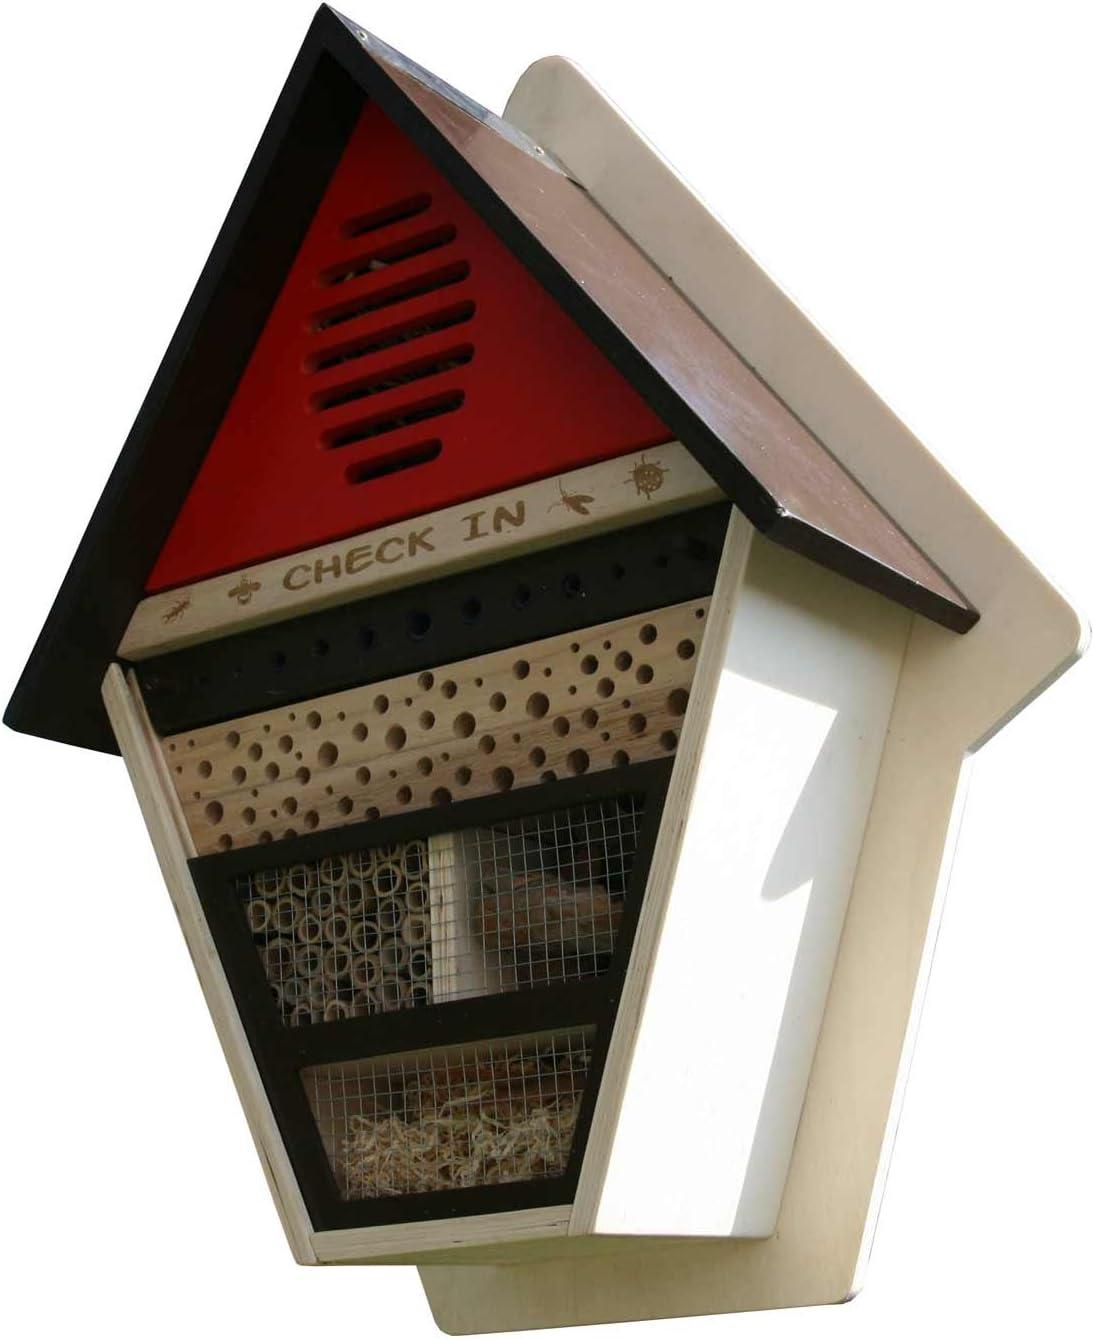 Mendler Insectos Hotel he28, Insectos Nido Casa Caja Nido, Madera de álamo, 52 x 41 x 16 cm: Amazon.es: Juguetes y juegos